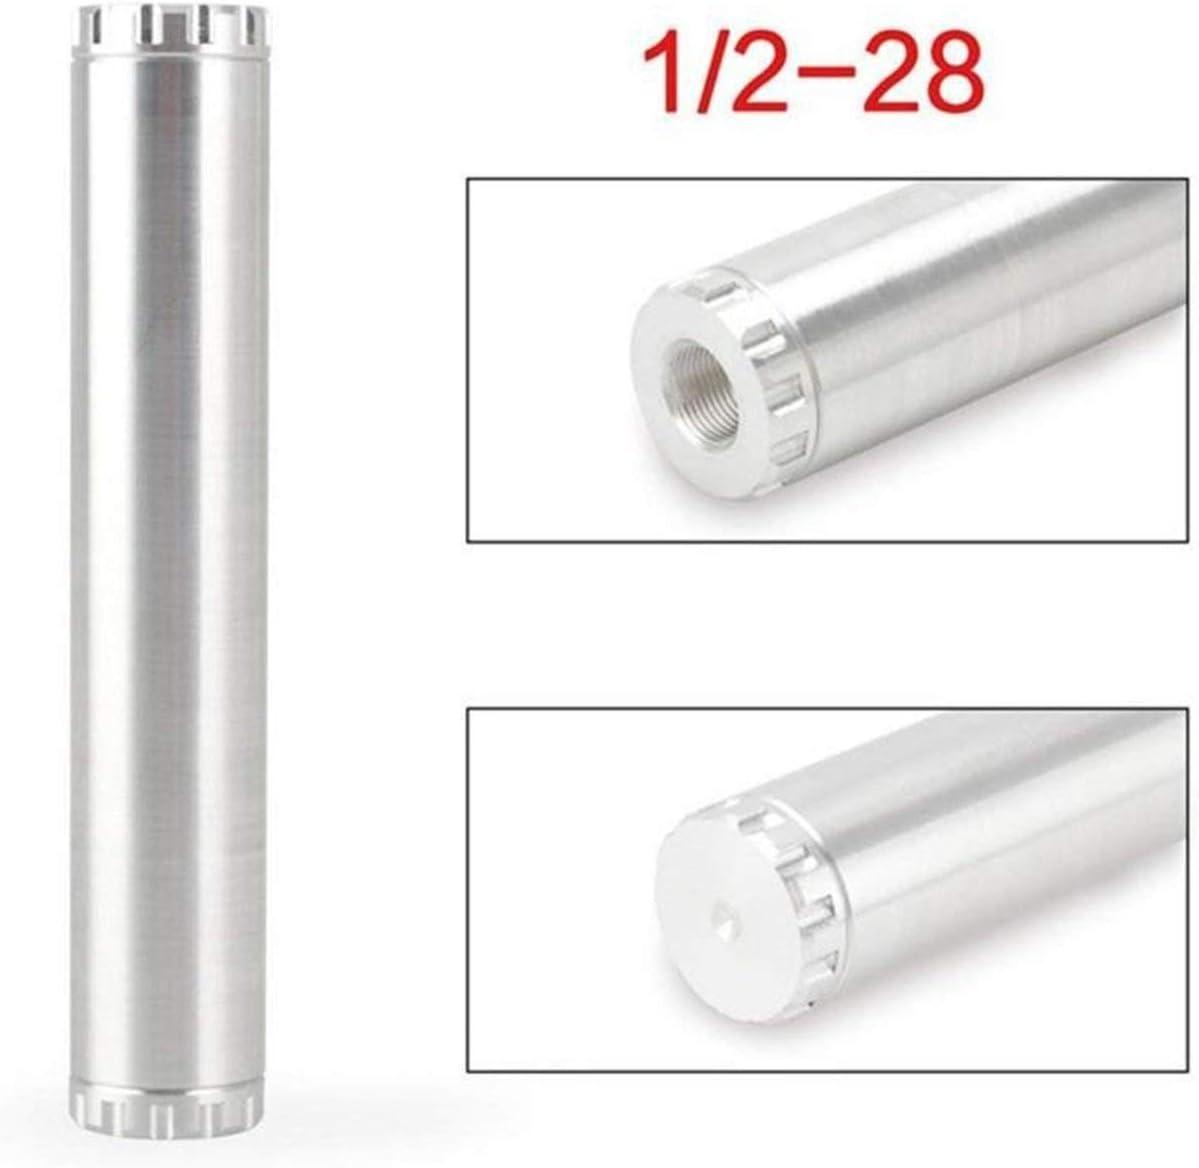 JIO-F argent Pi/ège de filtre /à carburant de voiture en alliage daluminium 1//2-28 ou 5//8-24 filtre /à solvant 1X7 ou 1X13 pi/ège /à solvant de voiture POUR NAPA 4003 WIX 24003